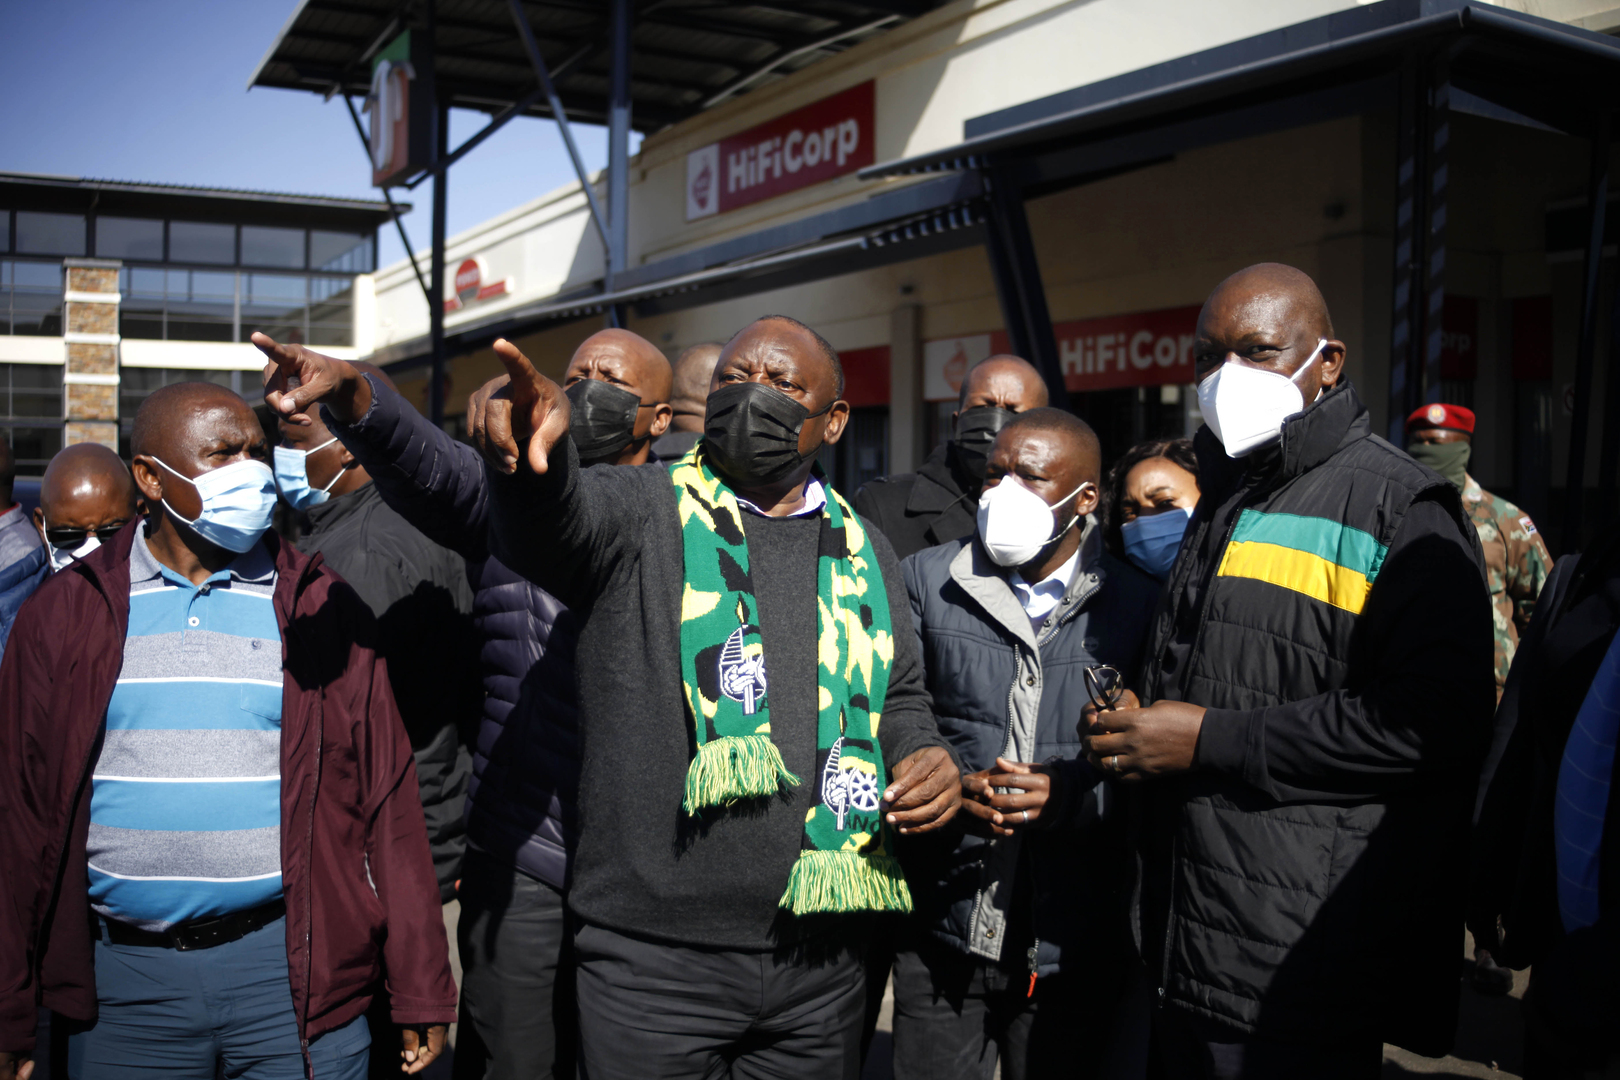 استئناف محاكمة رئيس جنوب إفريقيا السابق في قضية فساد